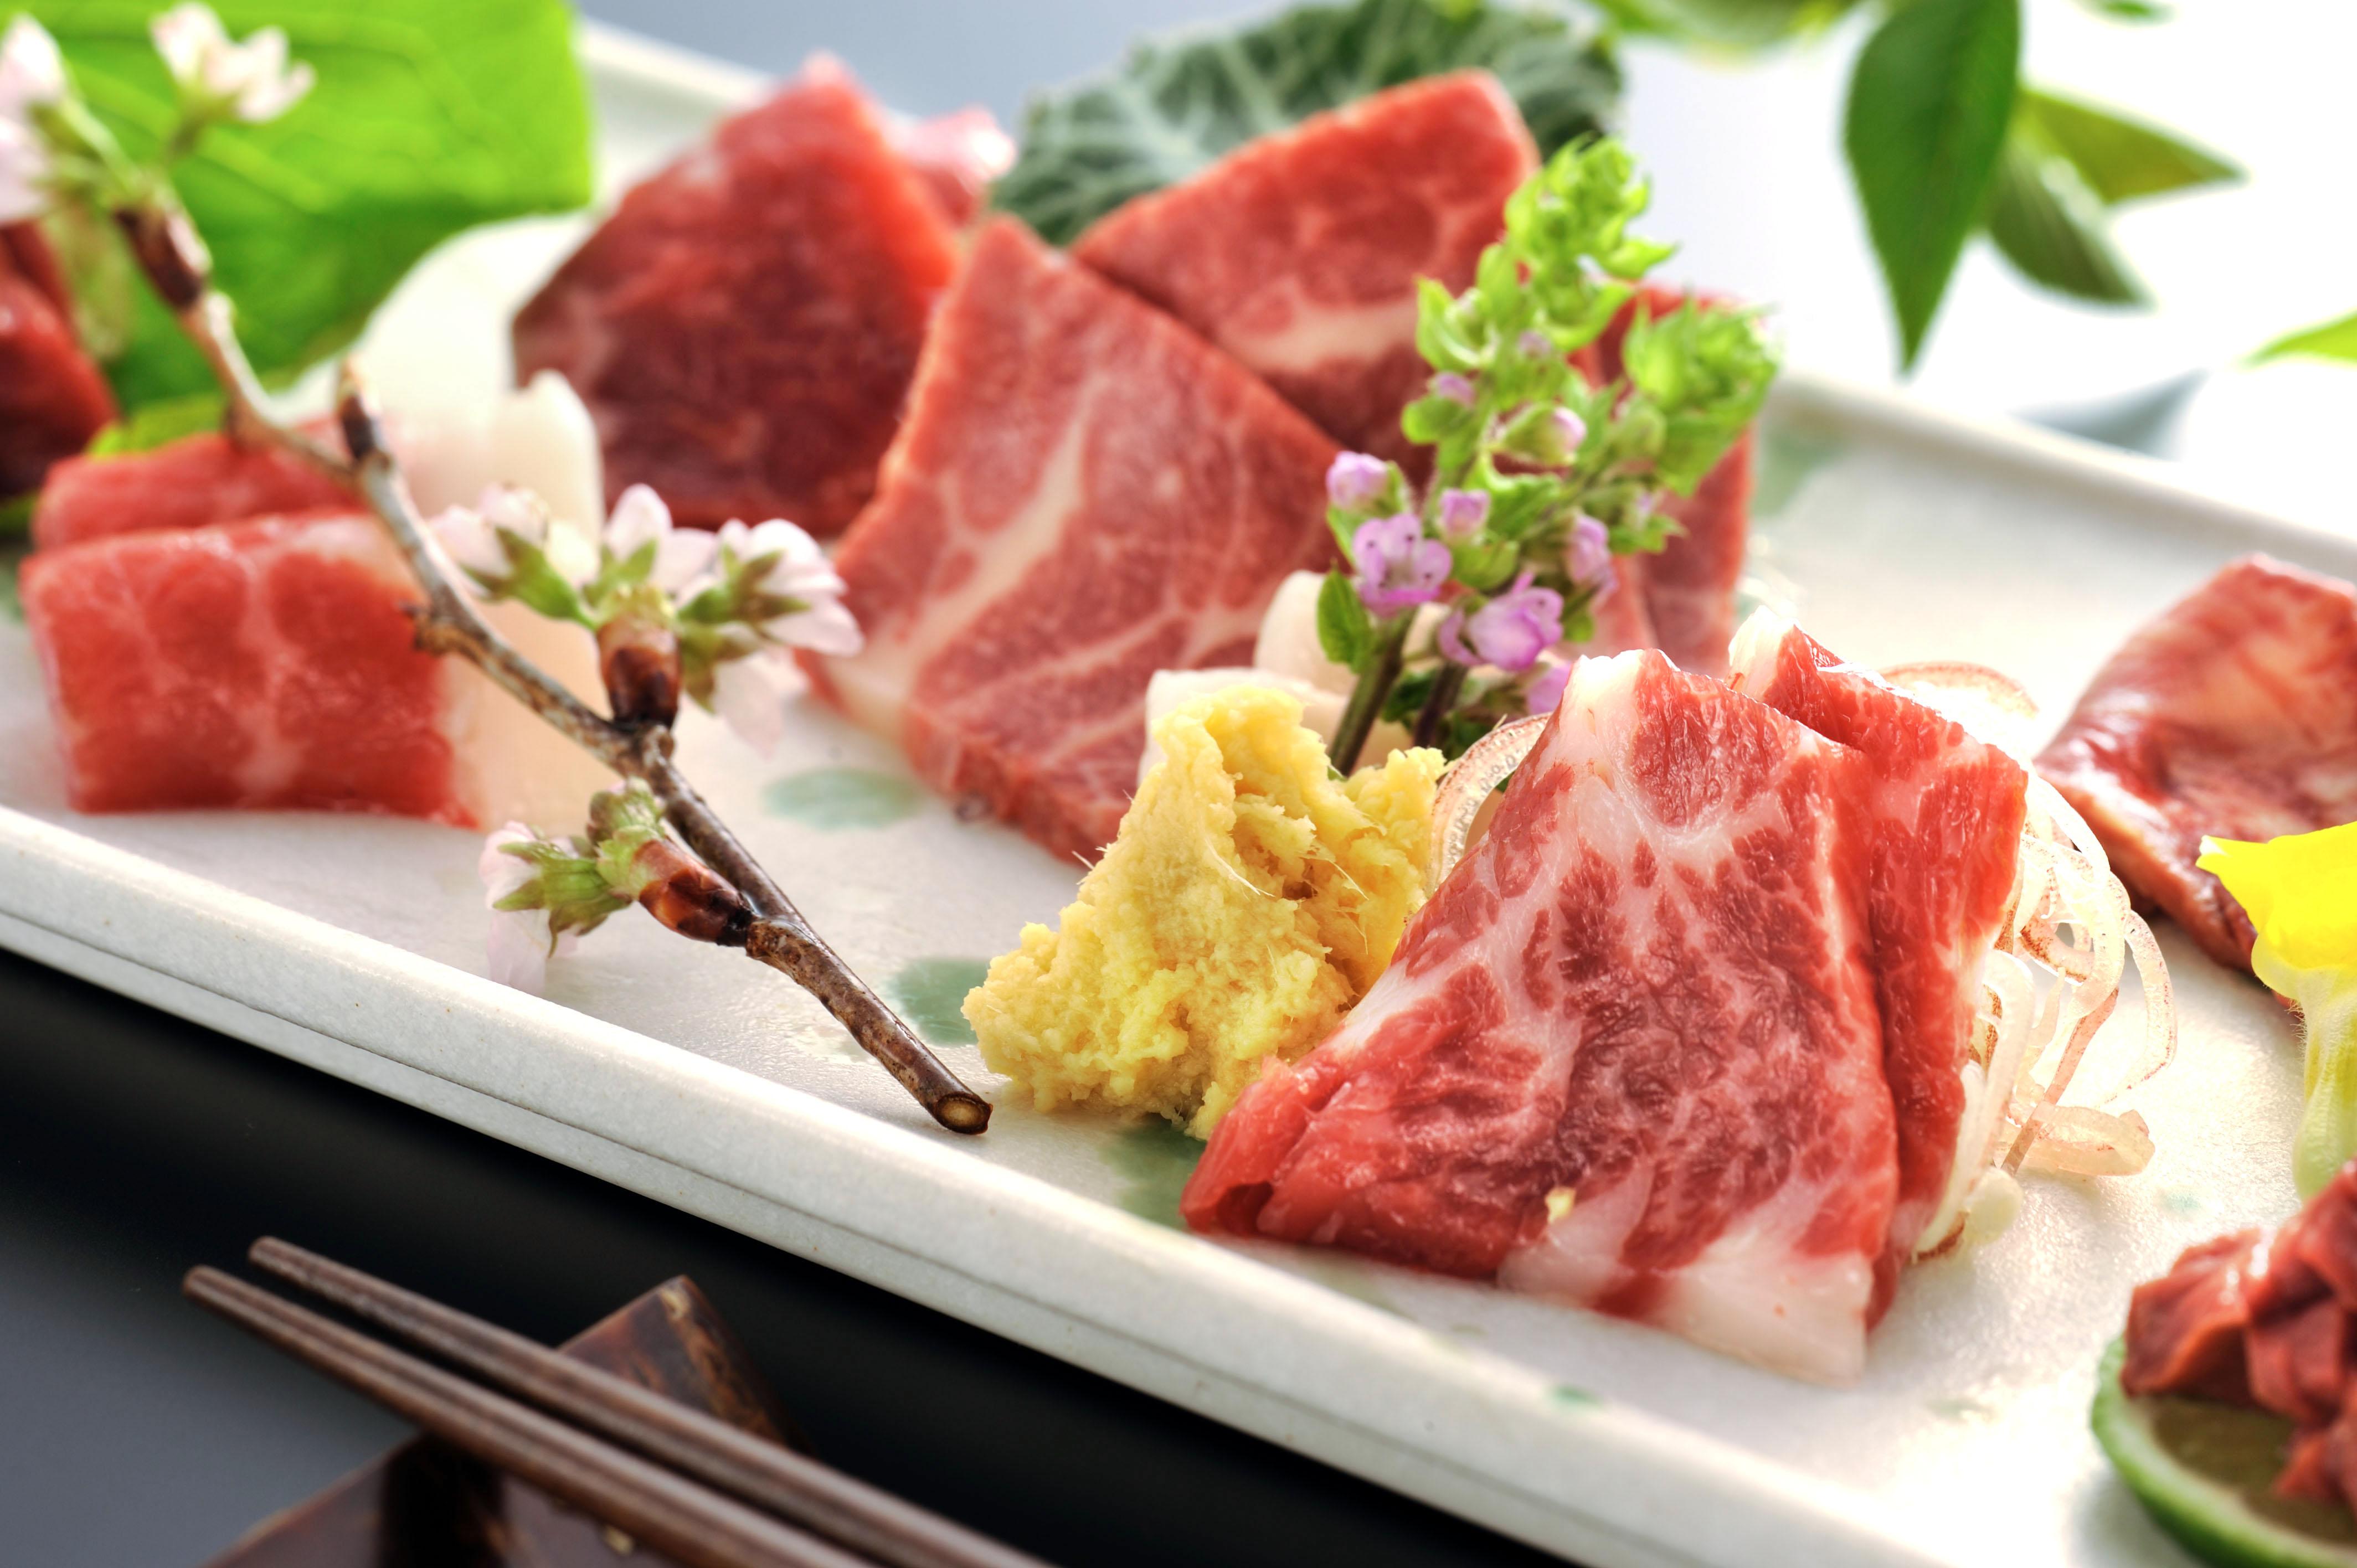 熊本市観光協会おすすめ!絶品グルメから人気観光スポットまで一挙にご紹介!